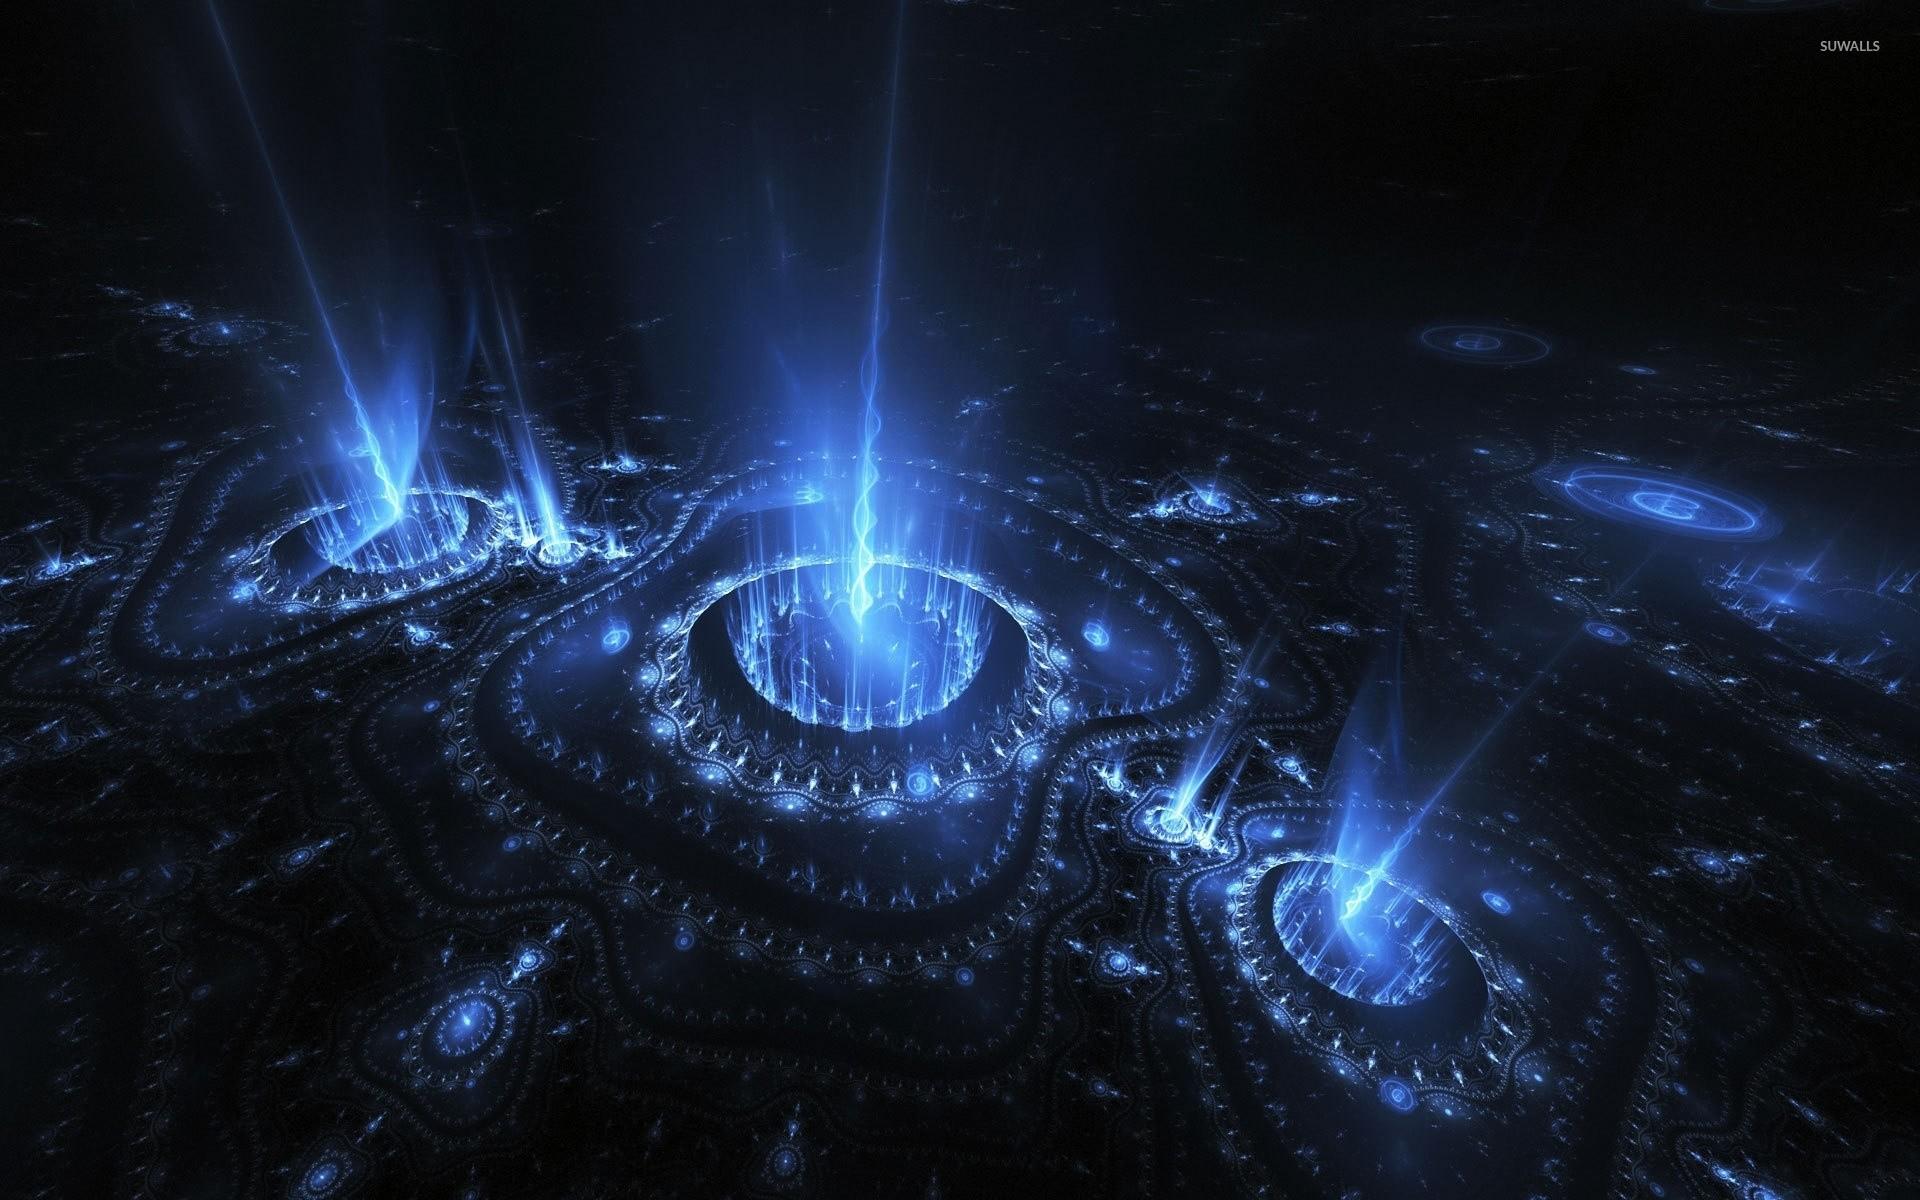 Light beam emerging from the fractal swirls wallpaper jpg